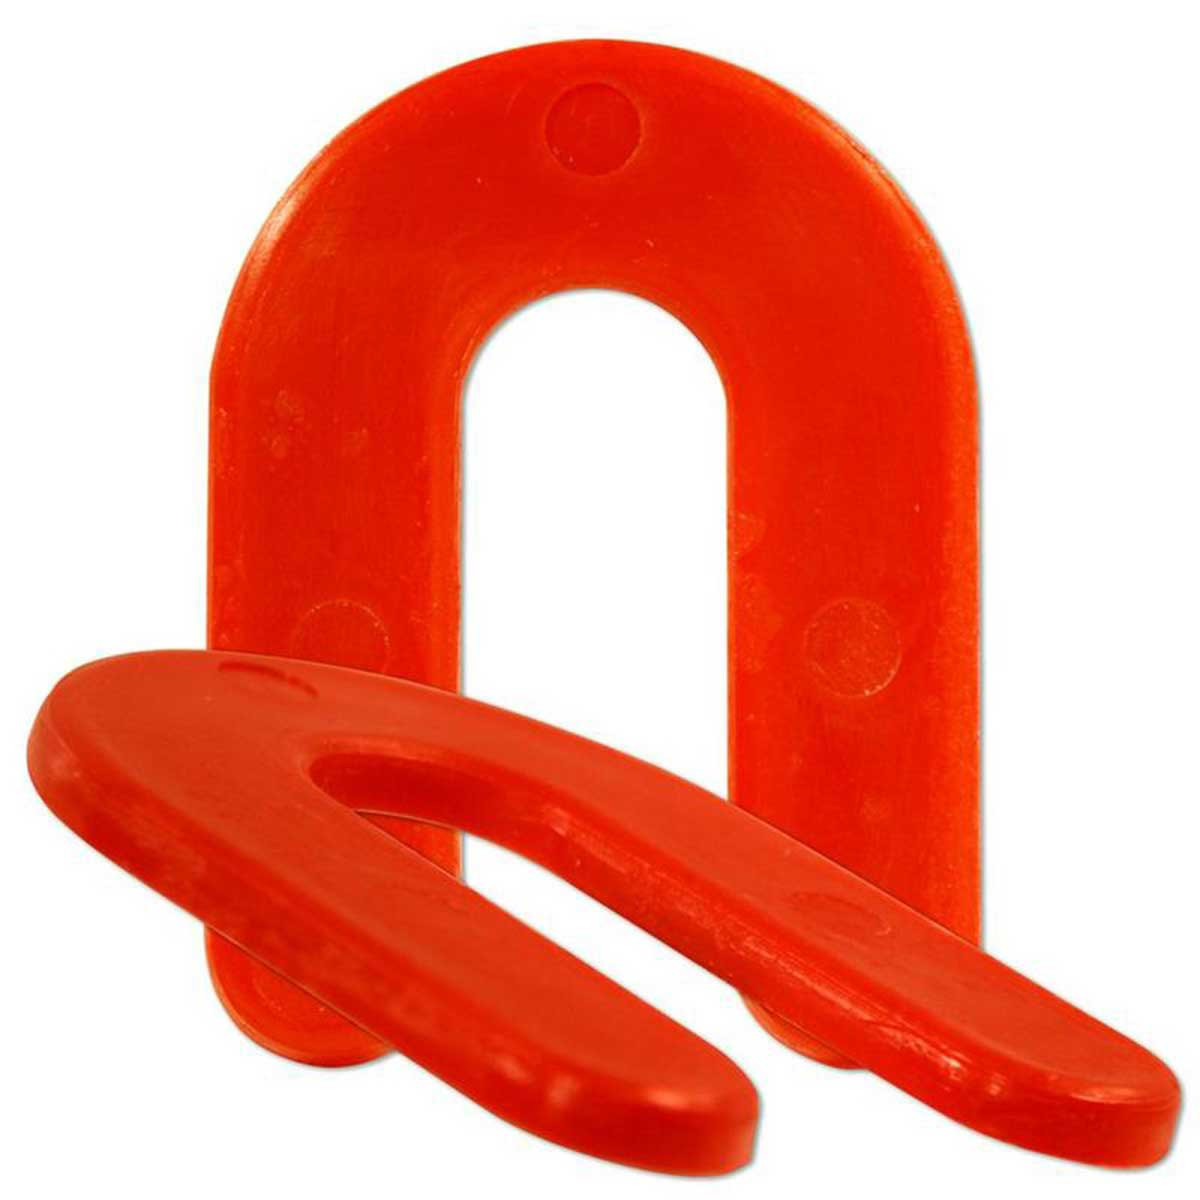 SH316 1000 Piece Horseshoe Shims 3/16th Orange